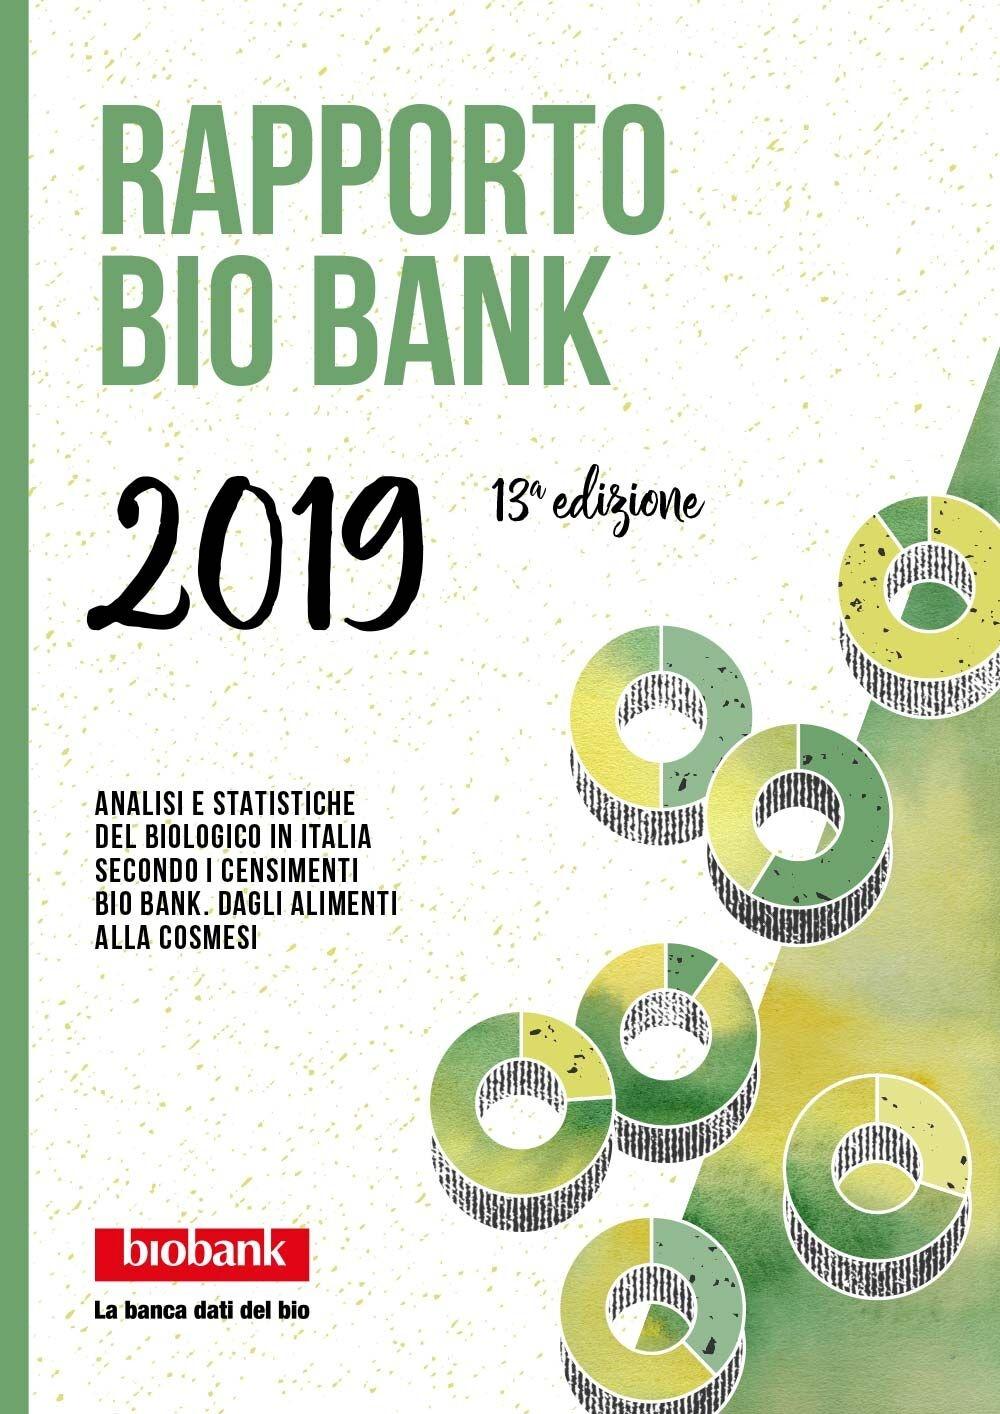 Rapporto Bio Bank 2019: nel cambiamento del mercato, il bio cresce